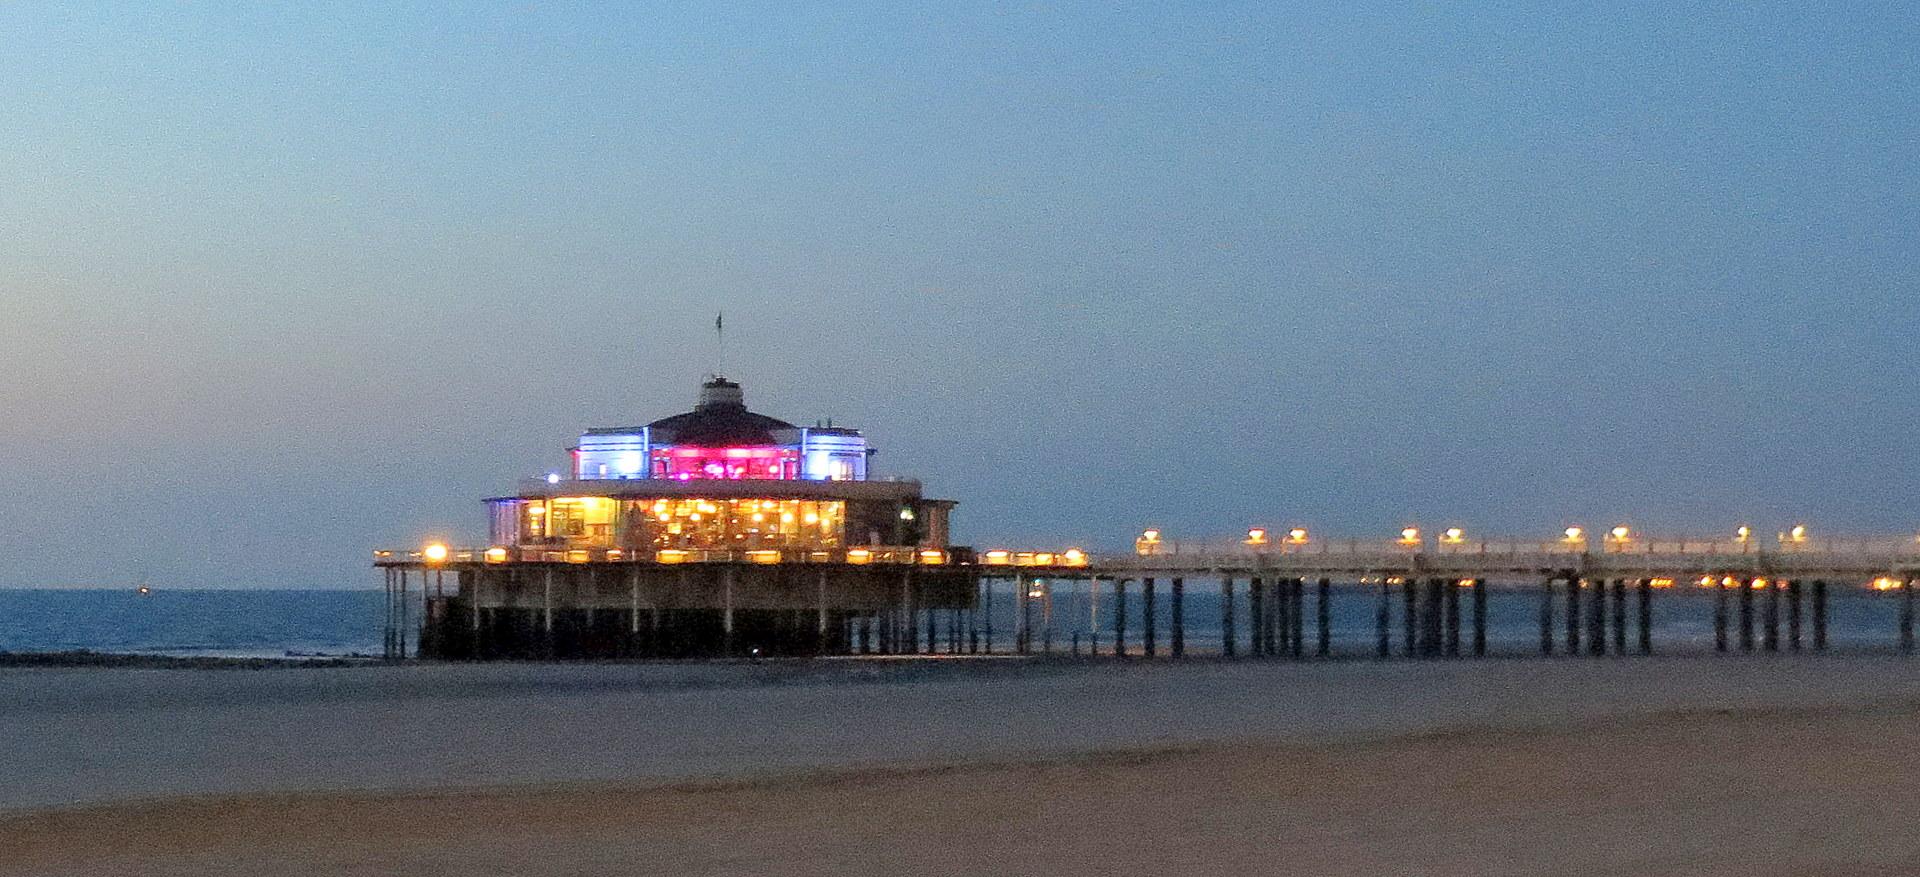 De Pier by night